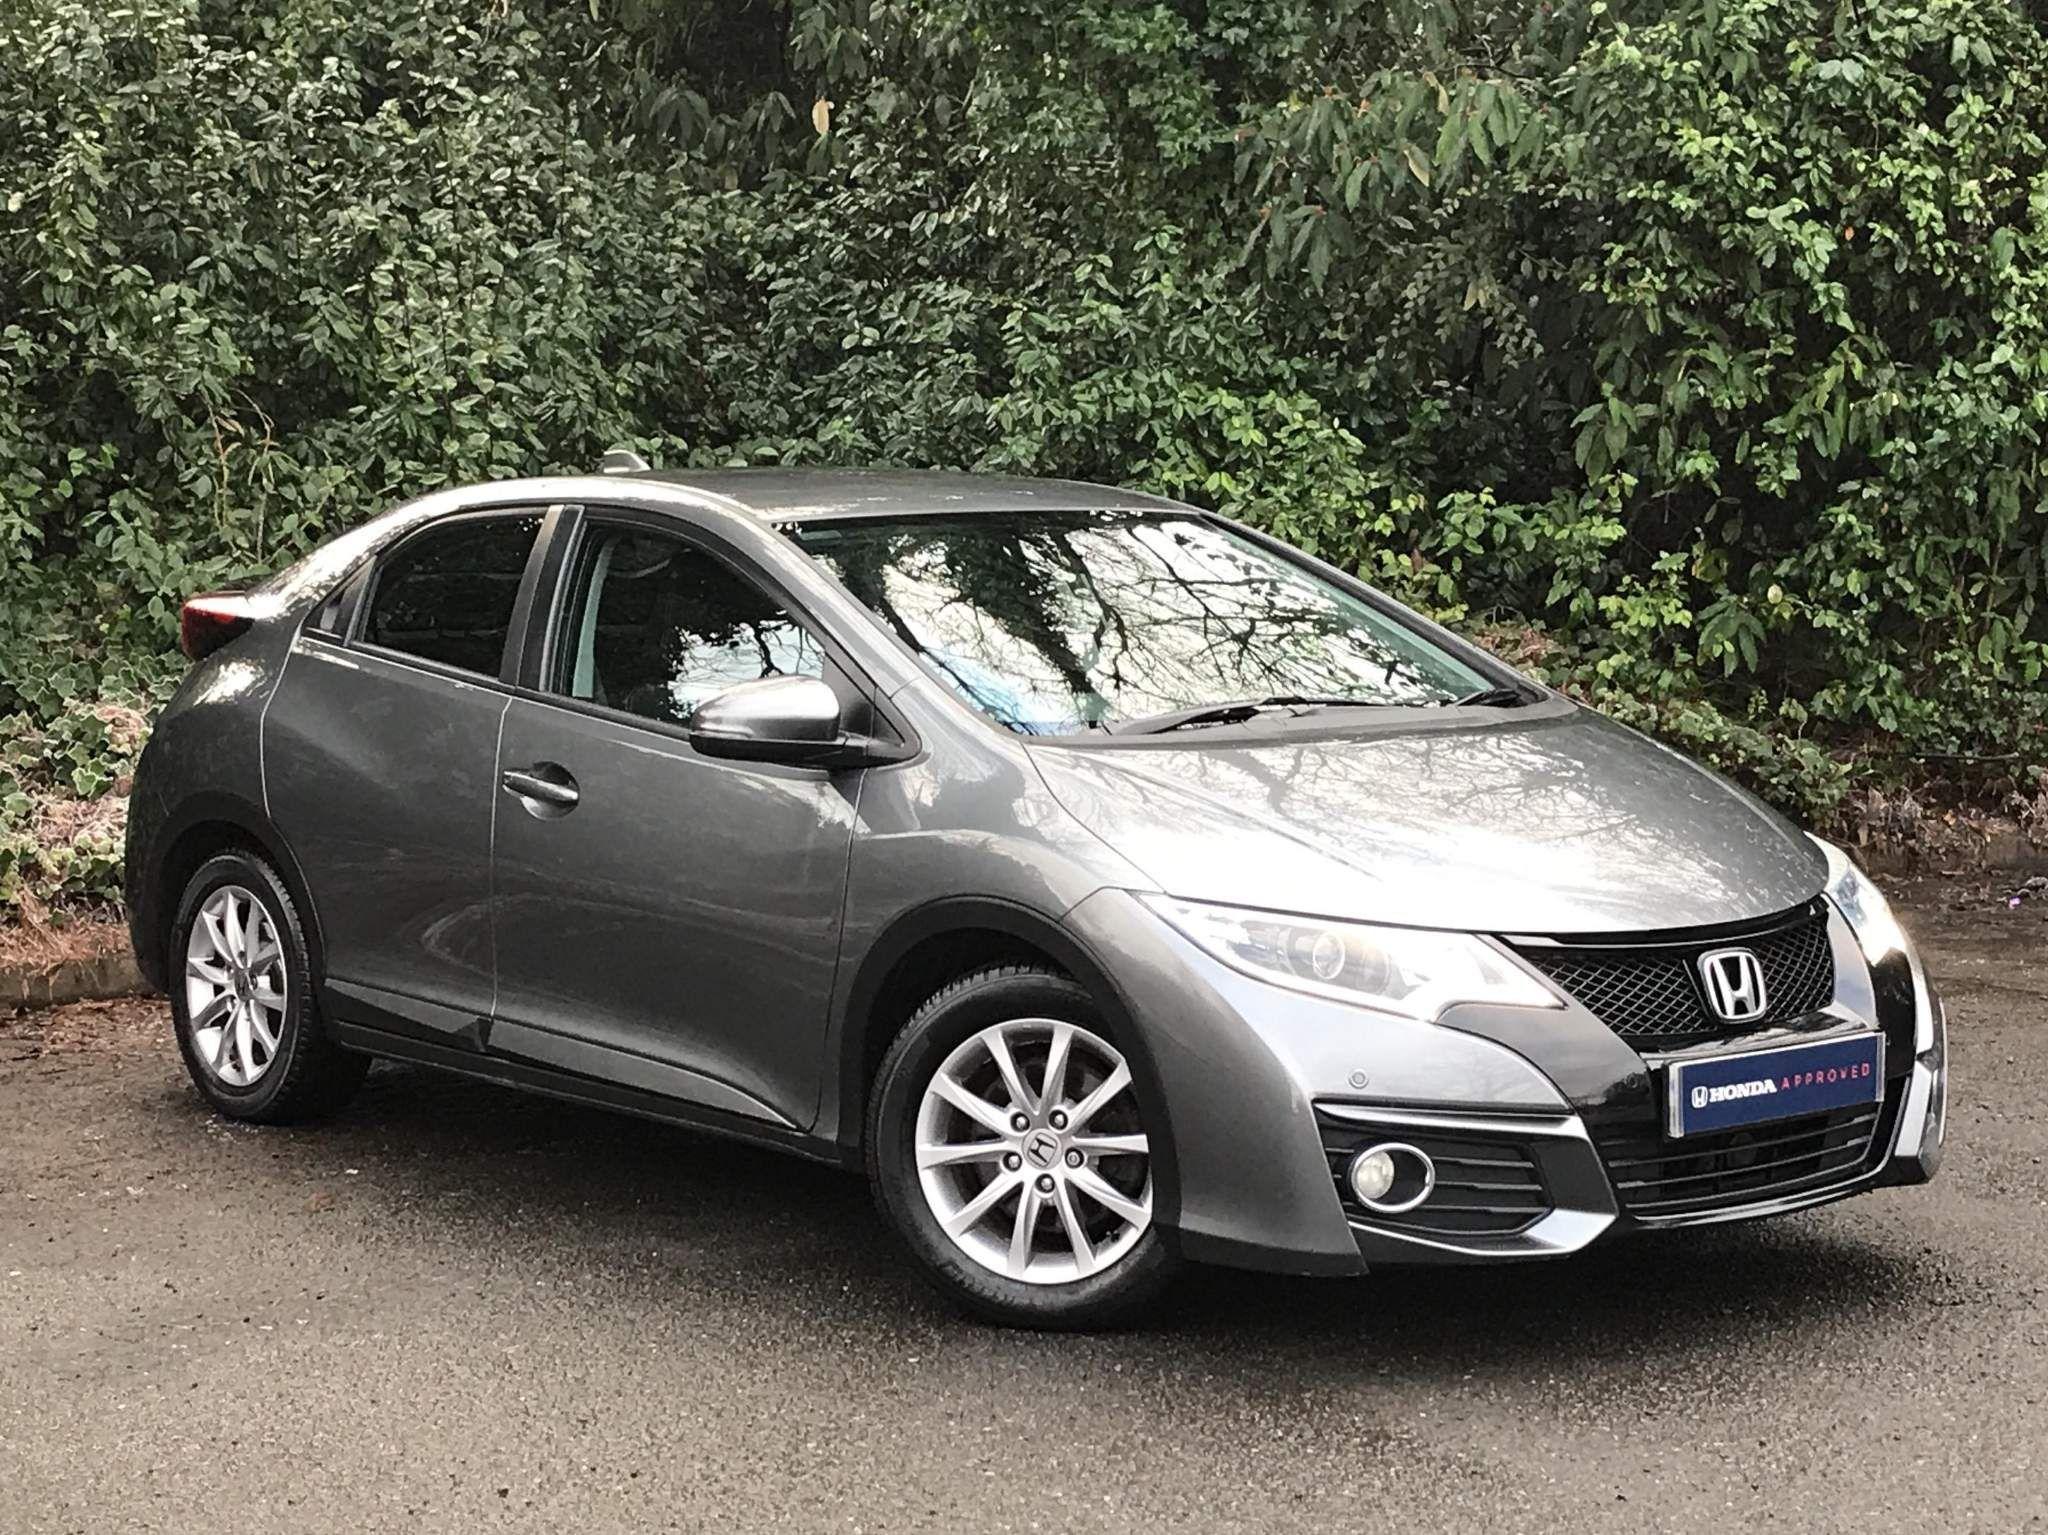 Honda Civic 1.6 i-DTEC SE Plus (Navi) (s/s) 5dr